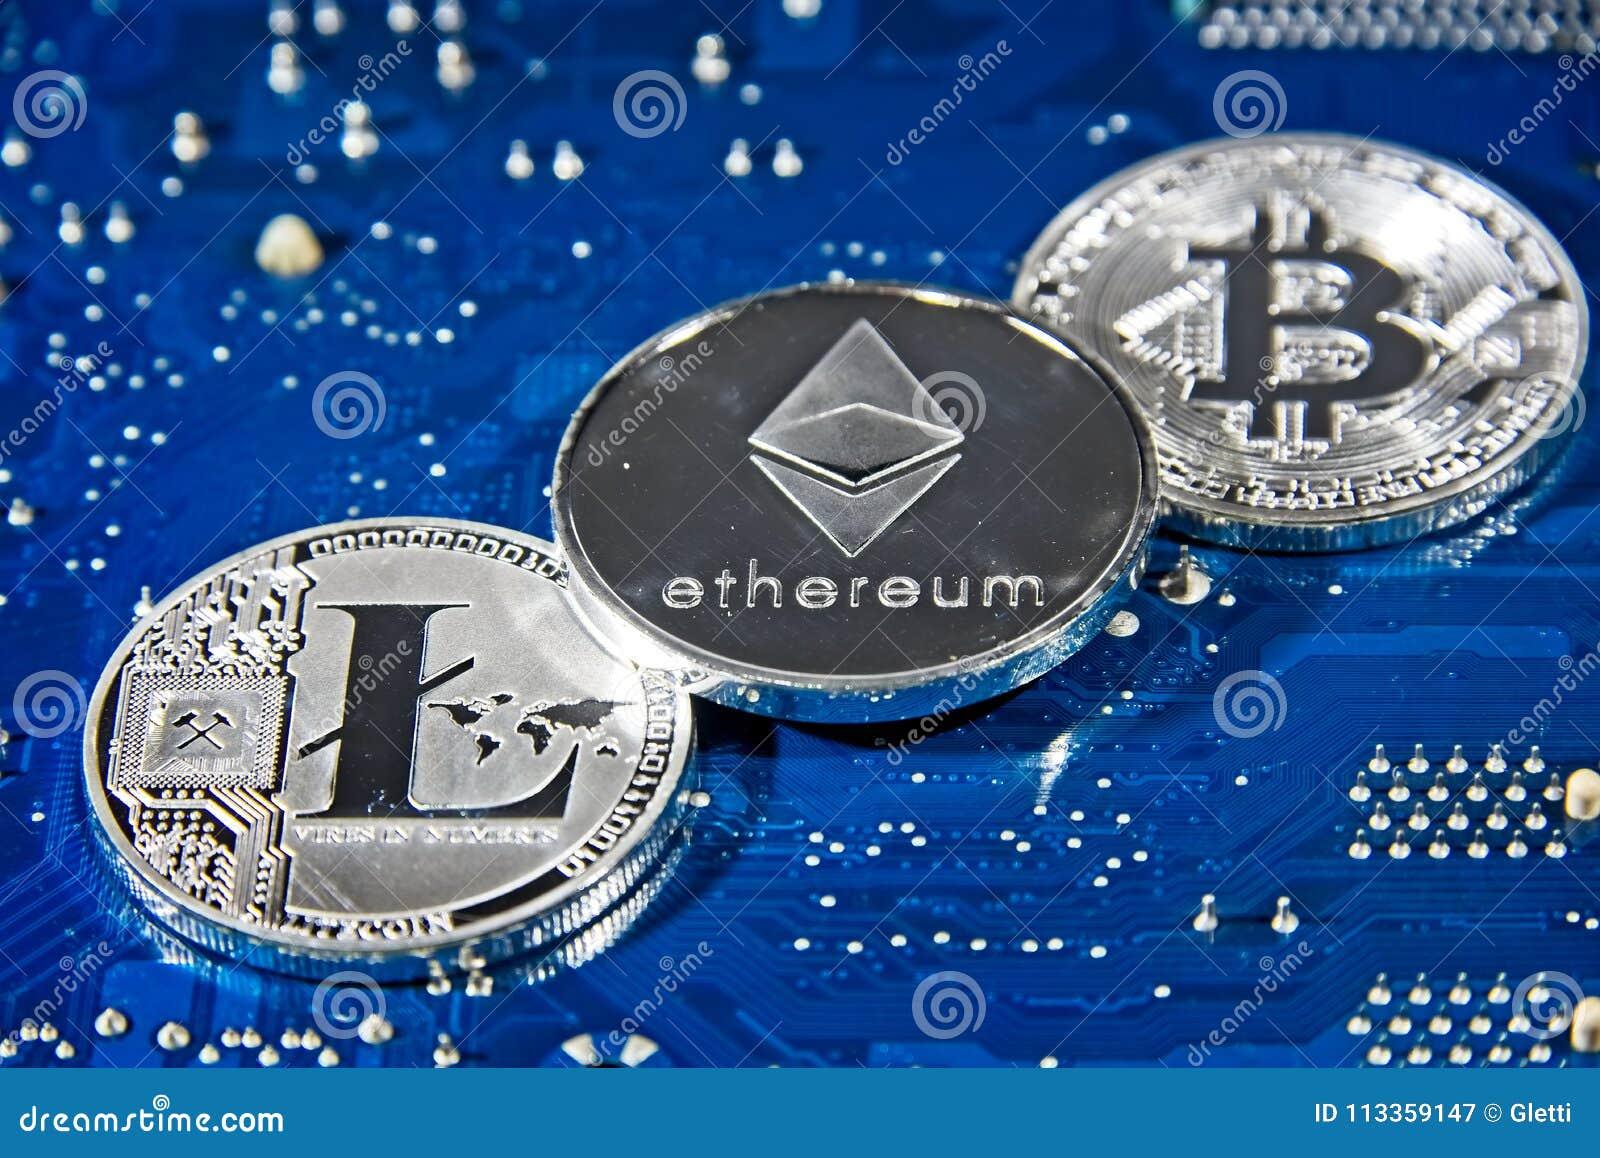 bitcoin dvejetainė prekybos platforma bitcoin rinkos vertės istorija